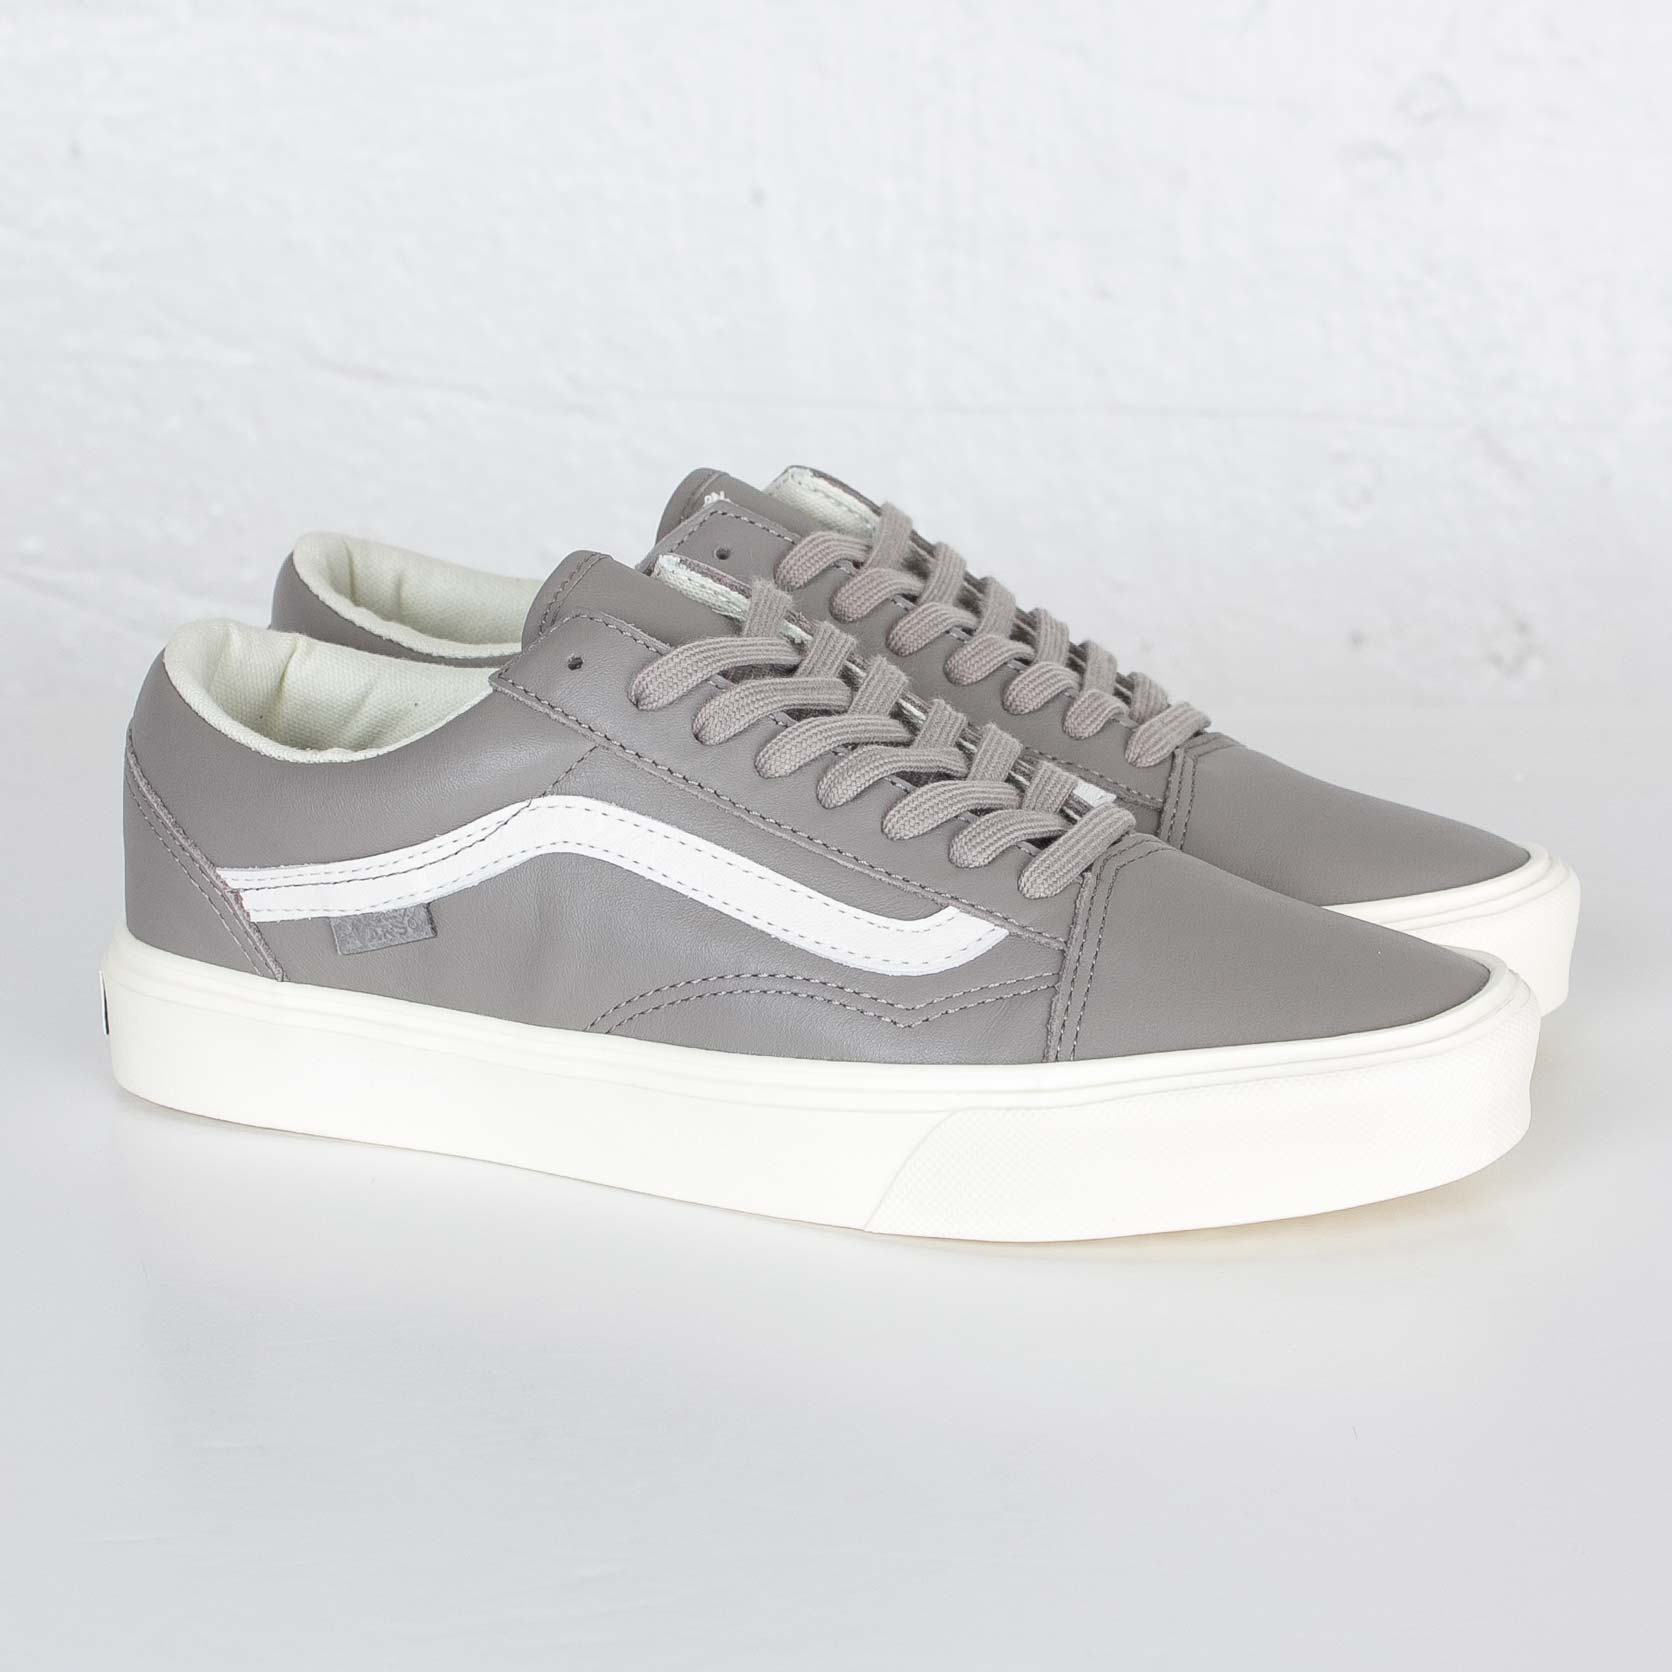 49854180a8 Vans Old Skool Lite LX - V4kwifj - Sneakersnstuff